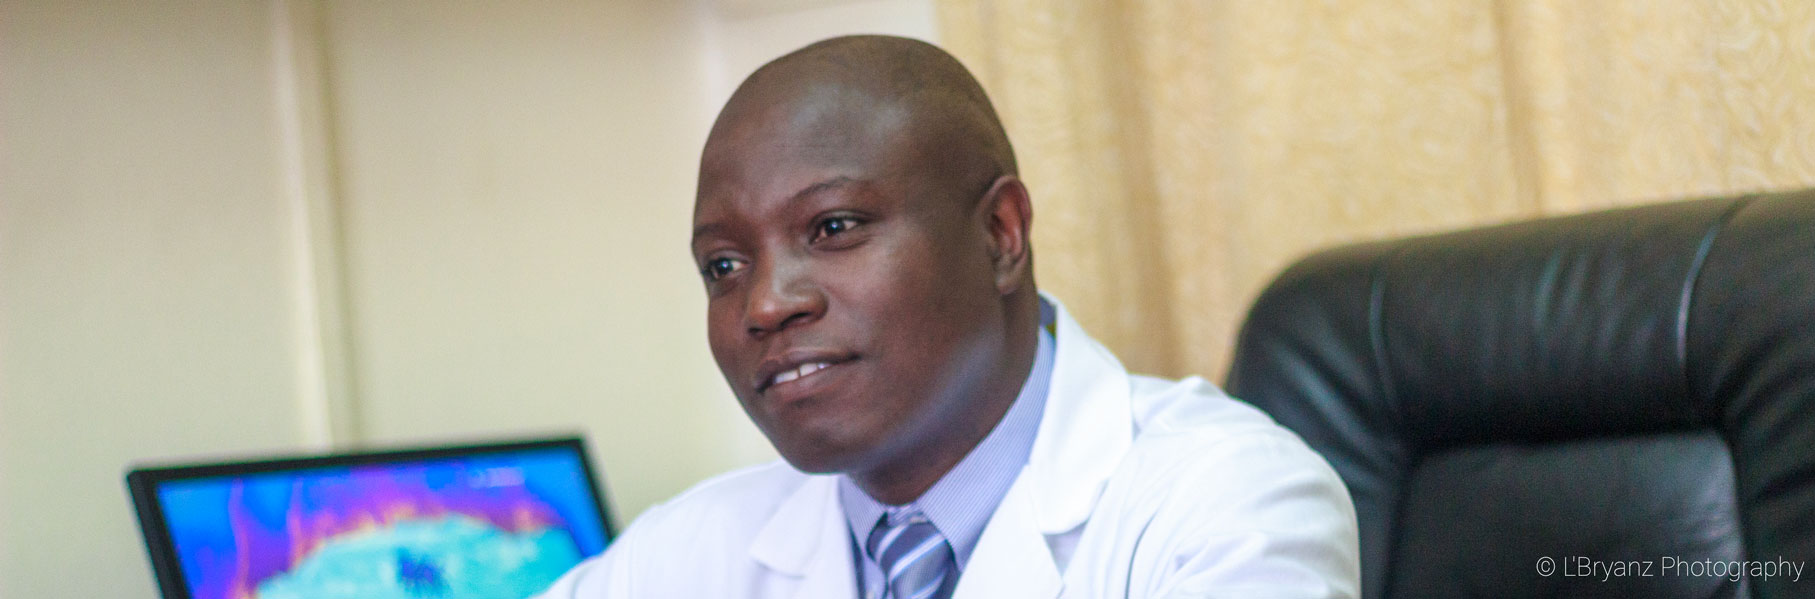 Dr Joseph Lubega